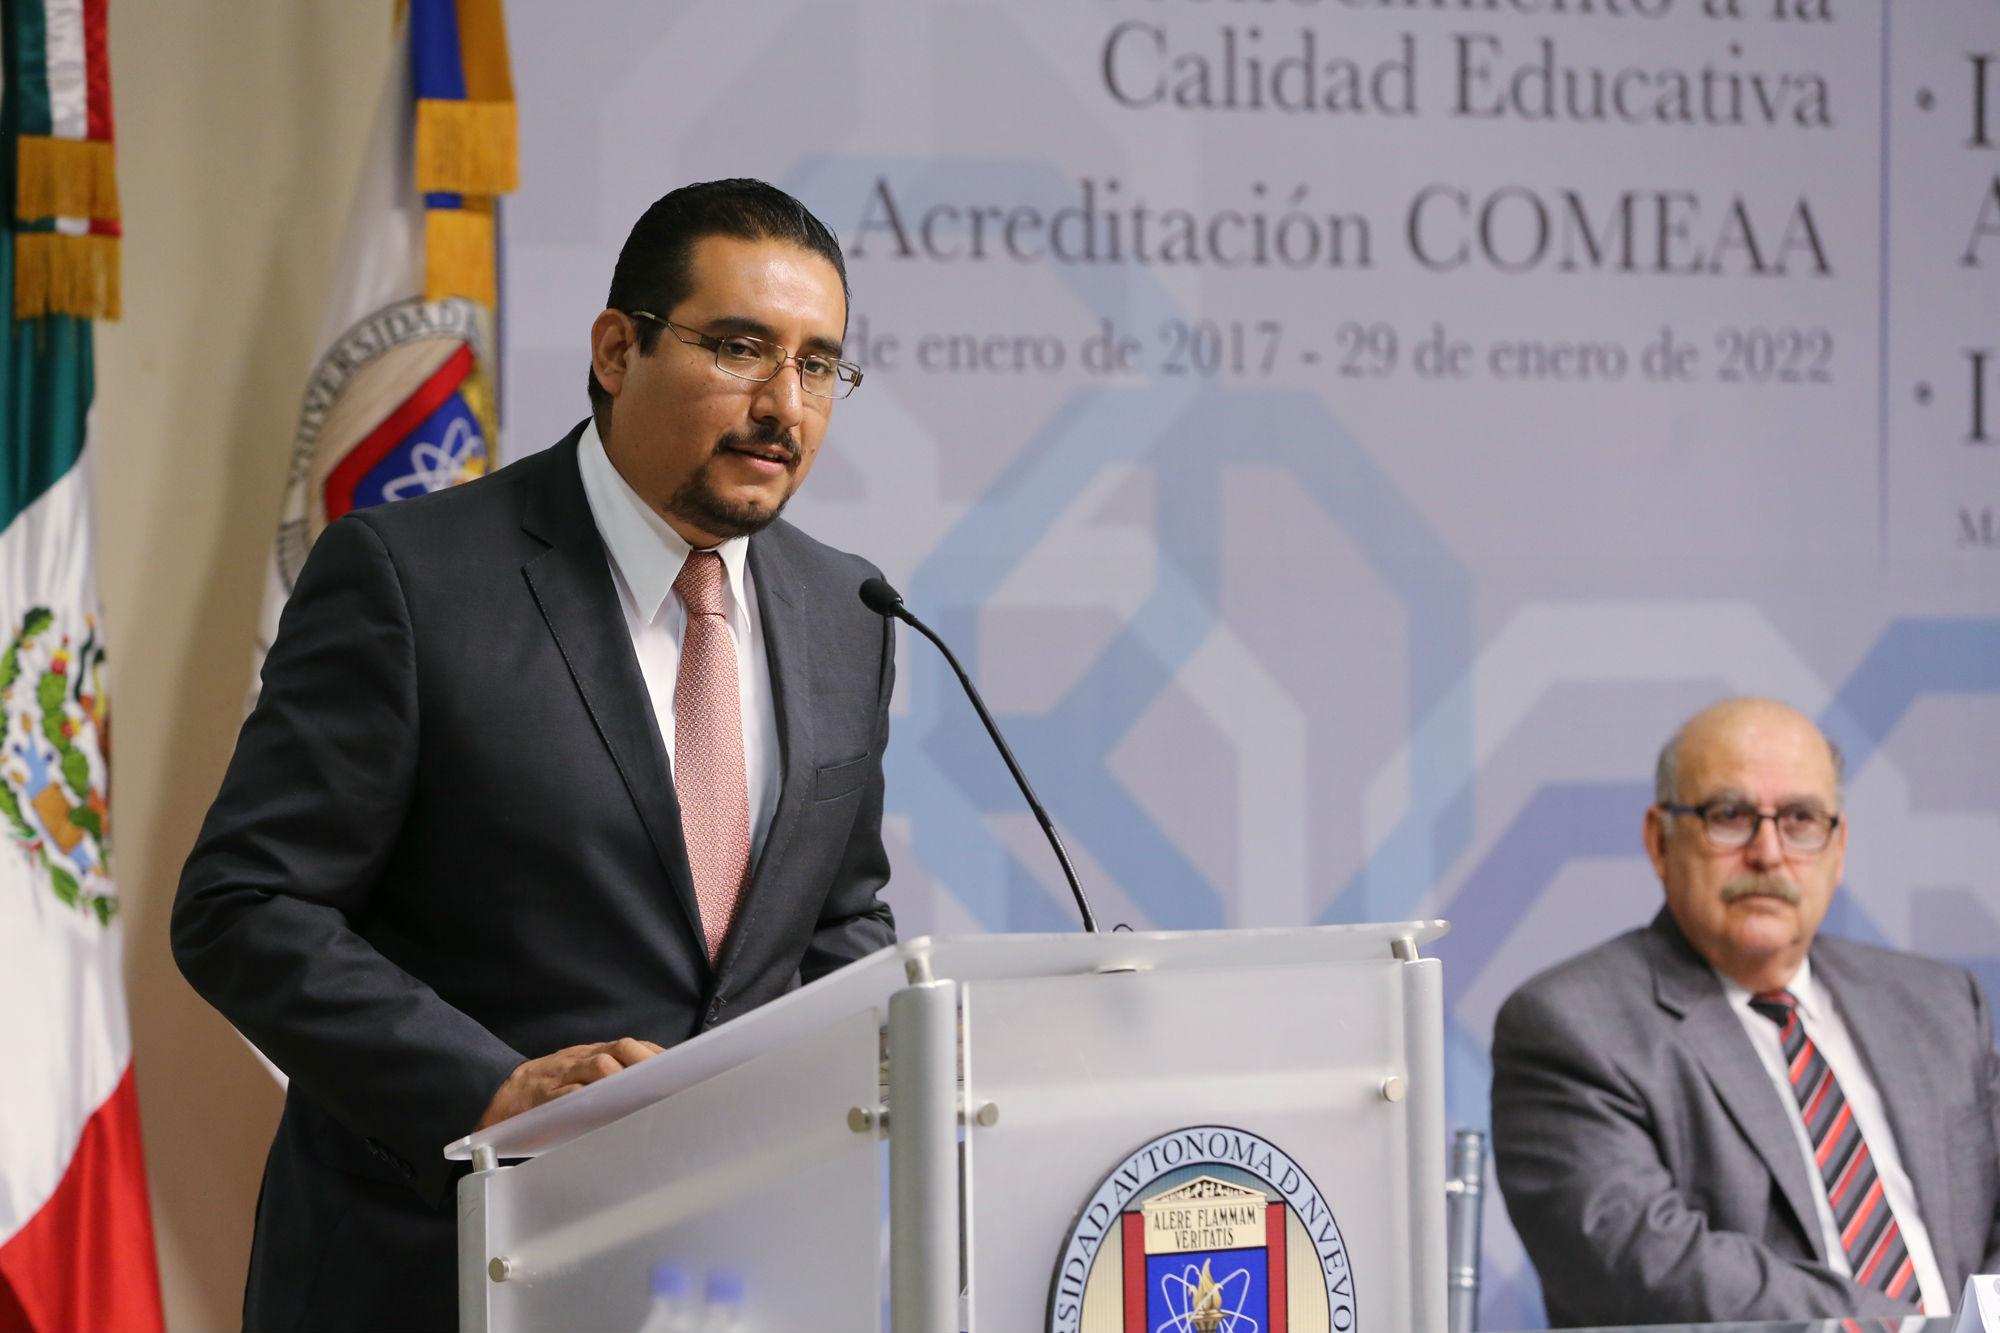 Rogelio Tovar Mendoza, Director General del COMEAA